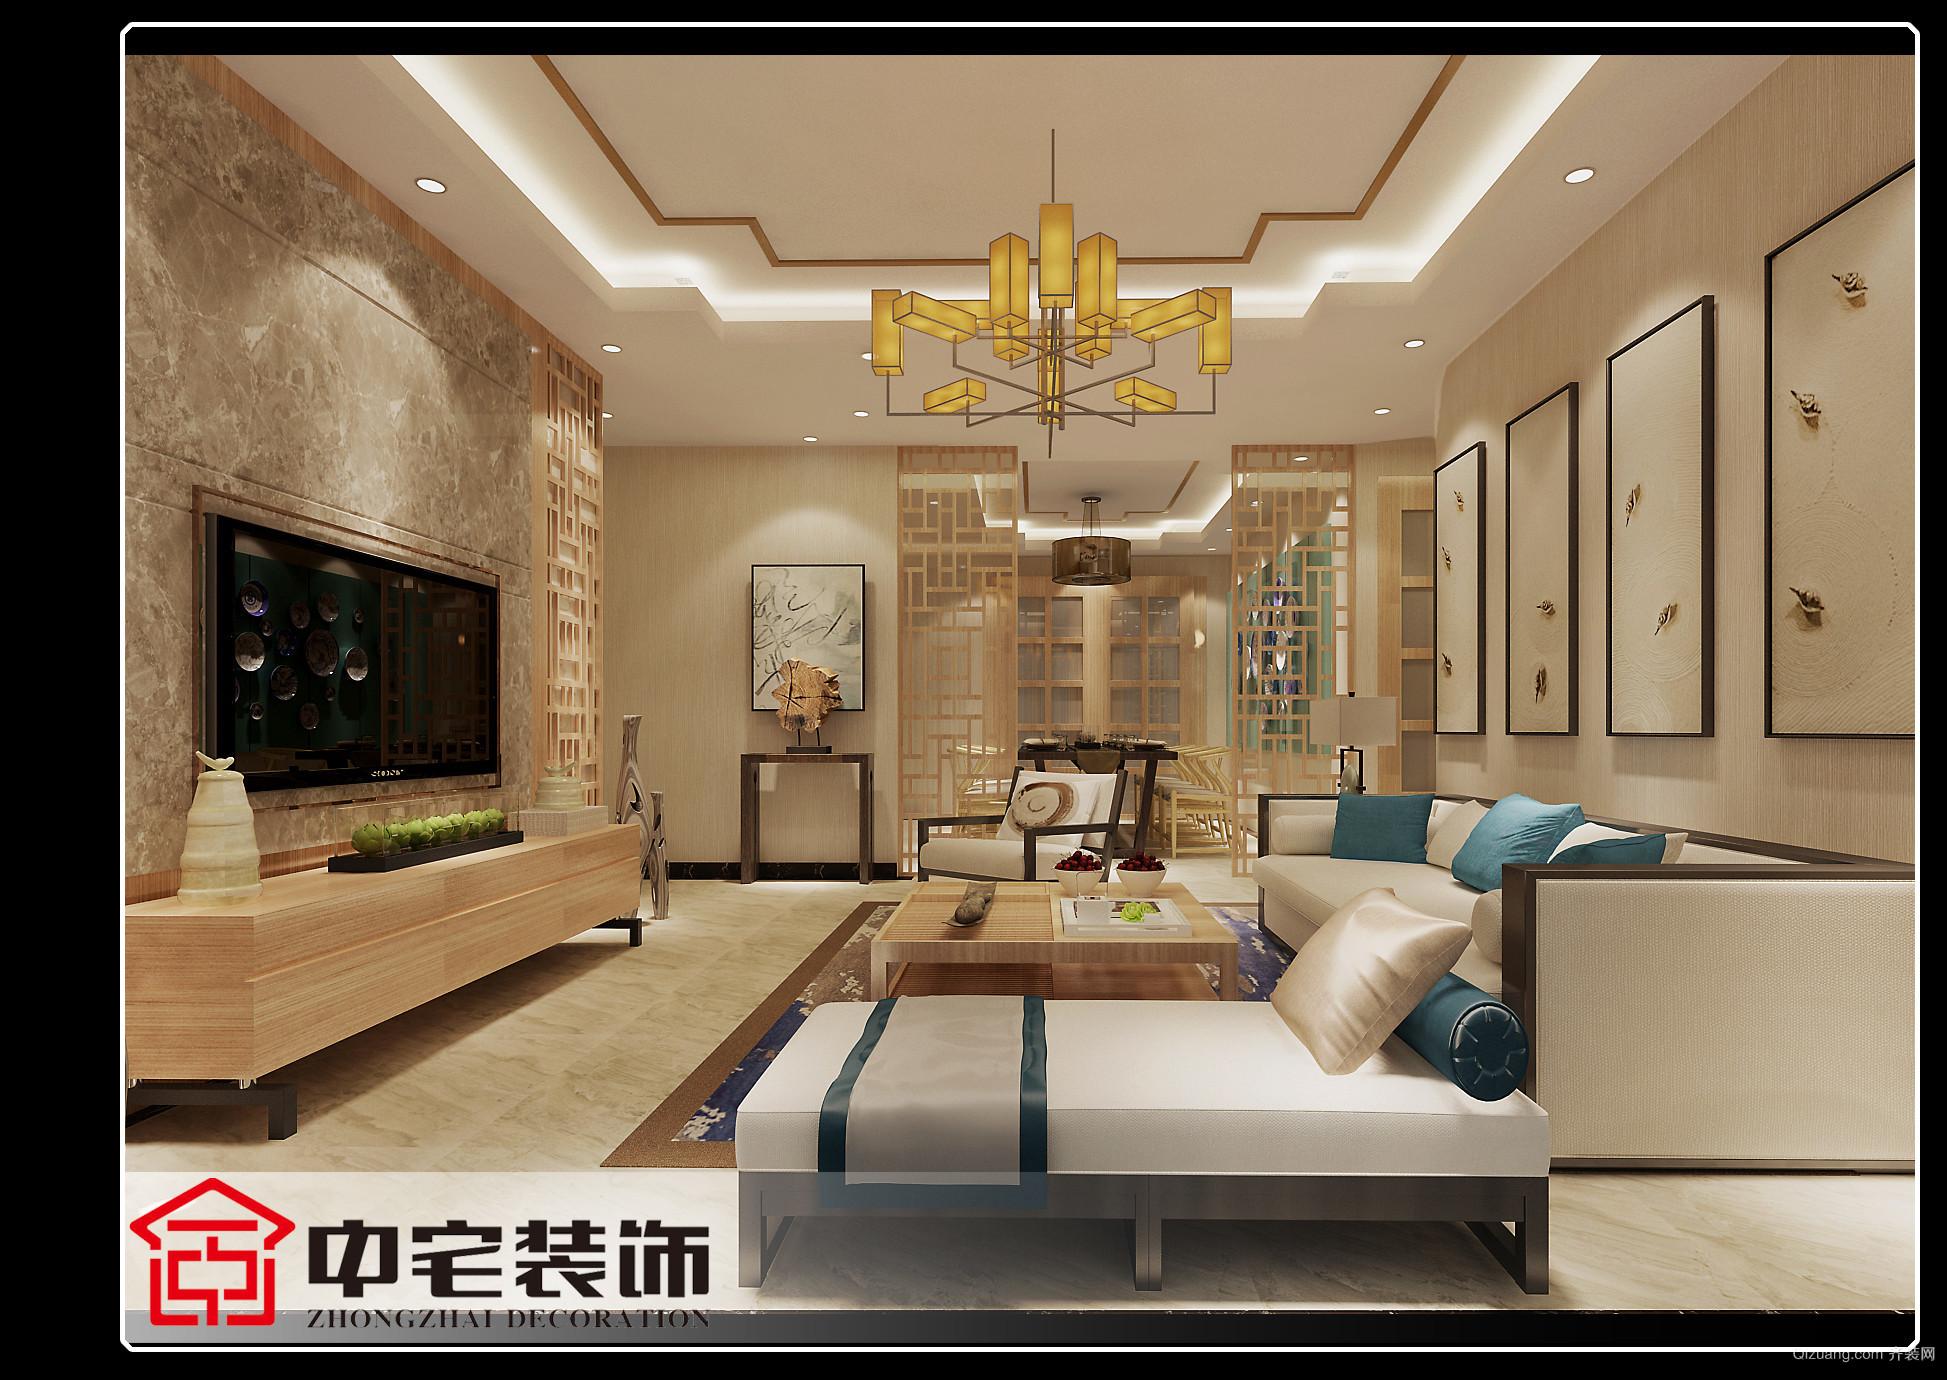 柳南万达广场欧式风格装修效果图实景图